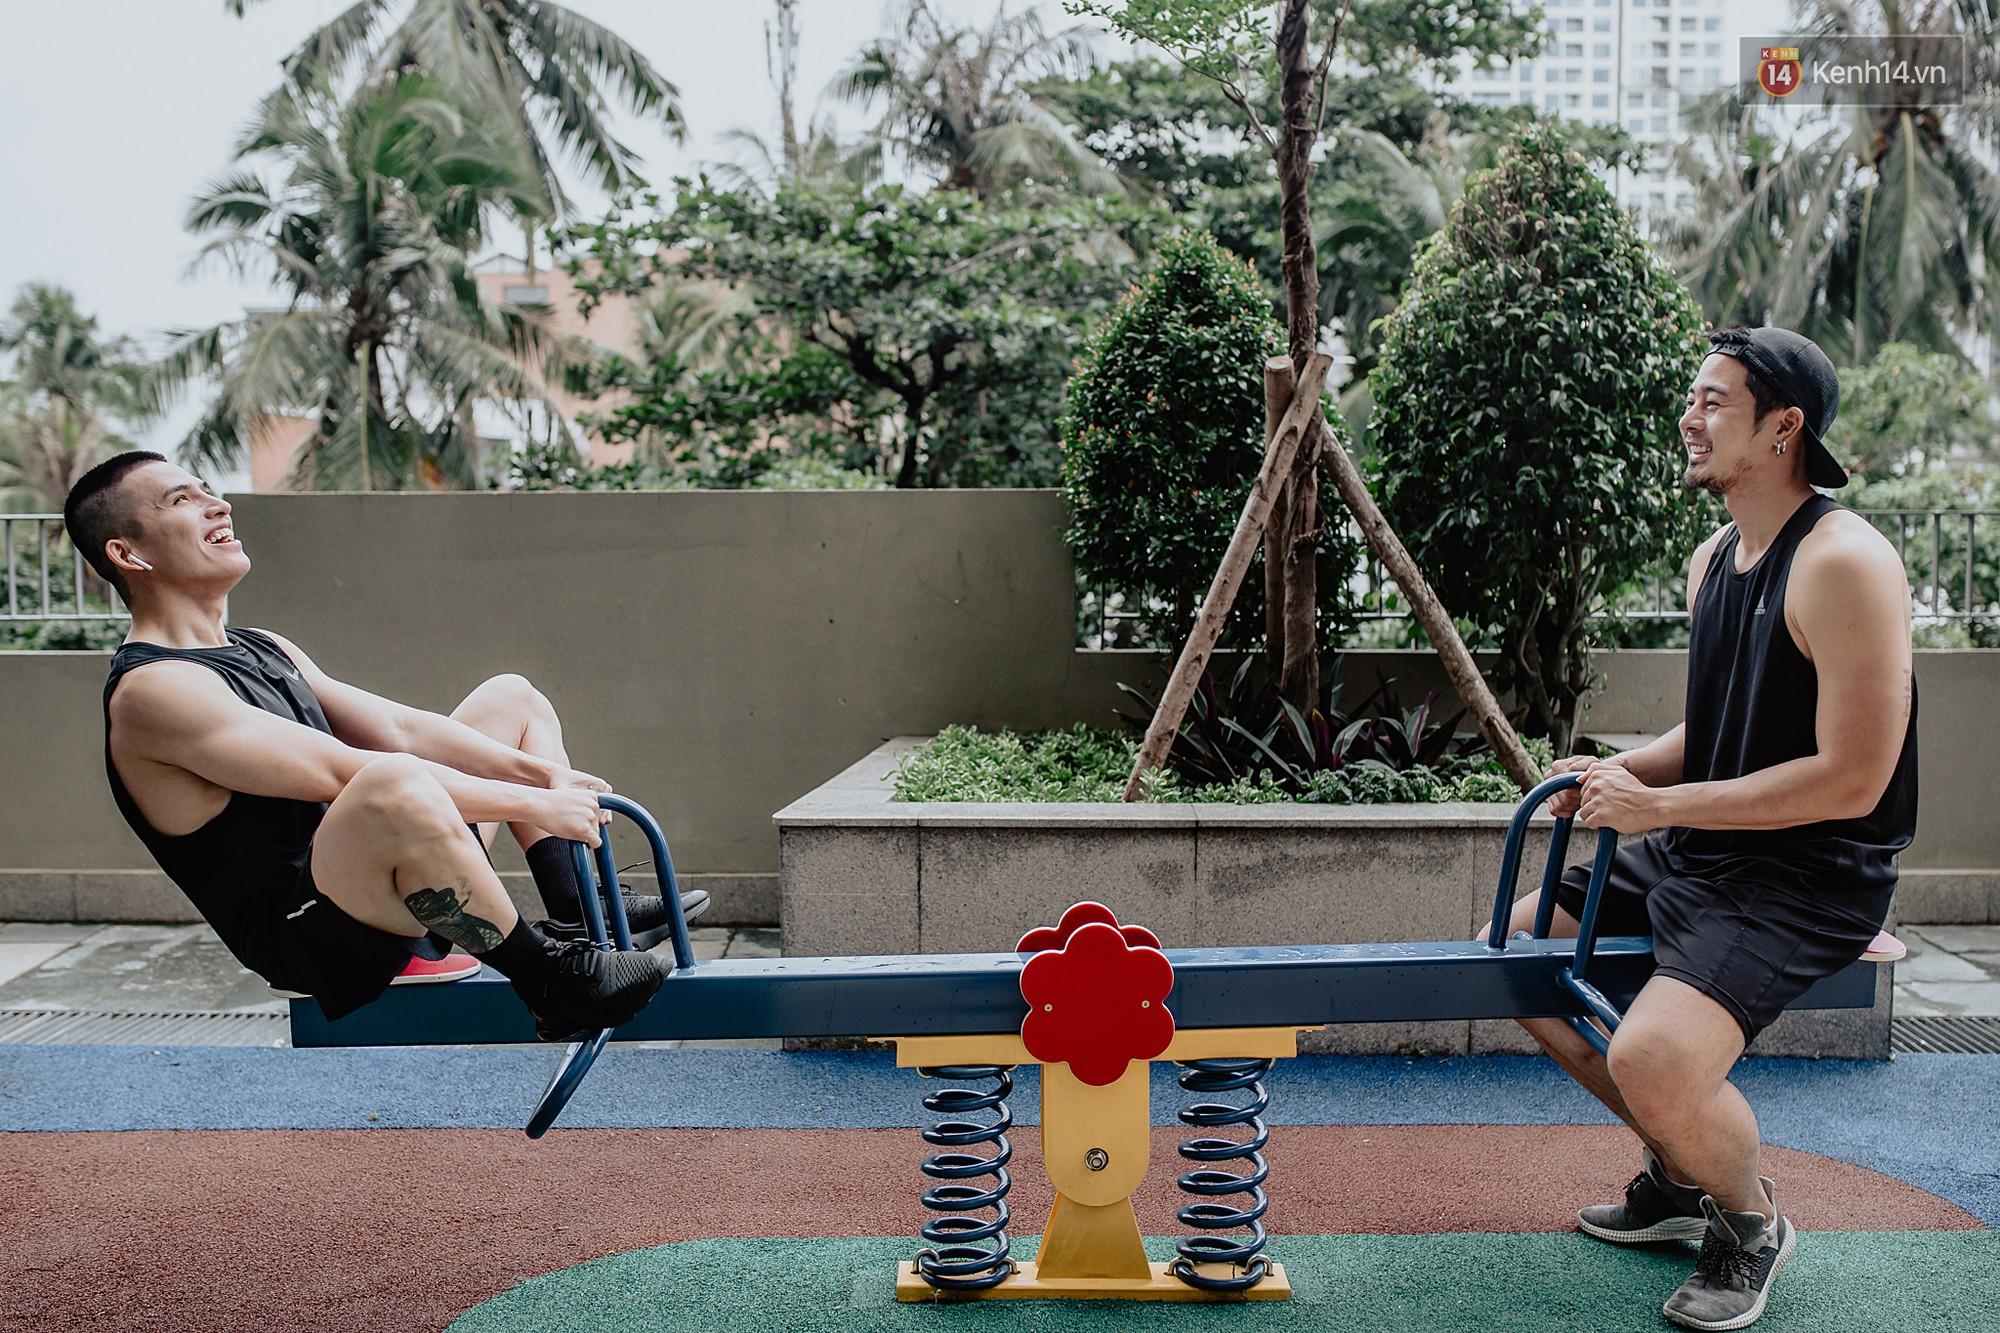 Team Đen - Cuộc đua kỳ thú 2019: Dương Mạc Anh Quân gọi Quốc Thiên là một... con quỷ, nóng tính đến đáng sợ - Ảnh 10.